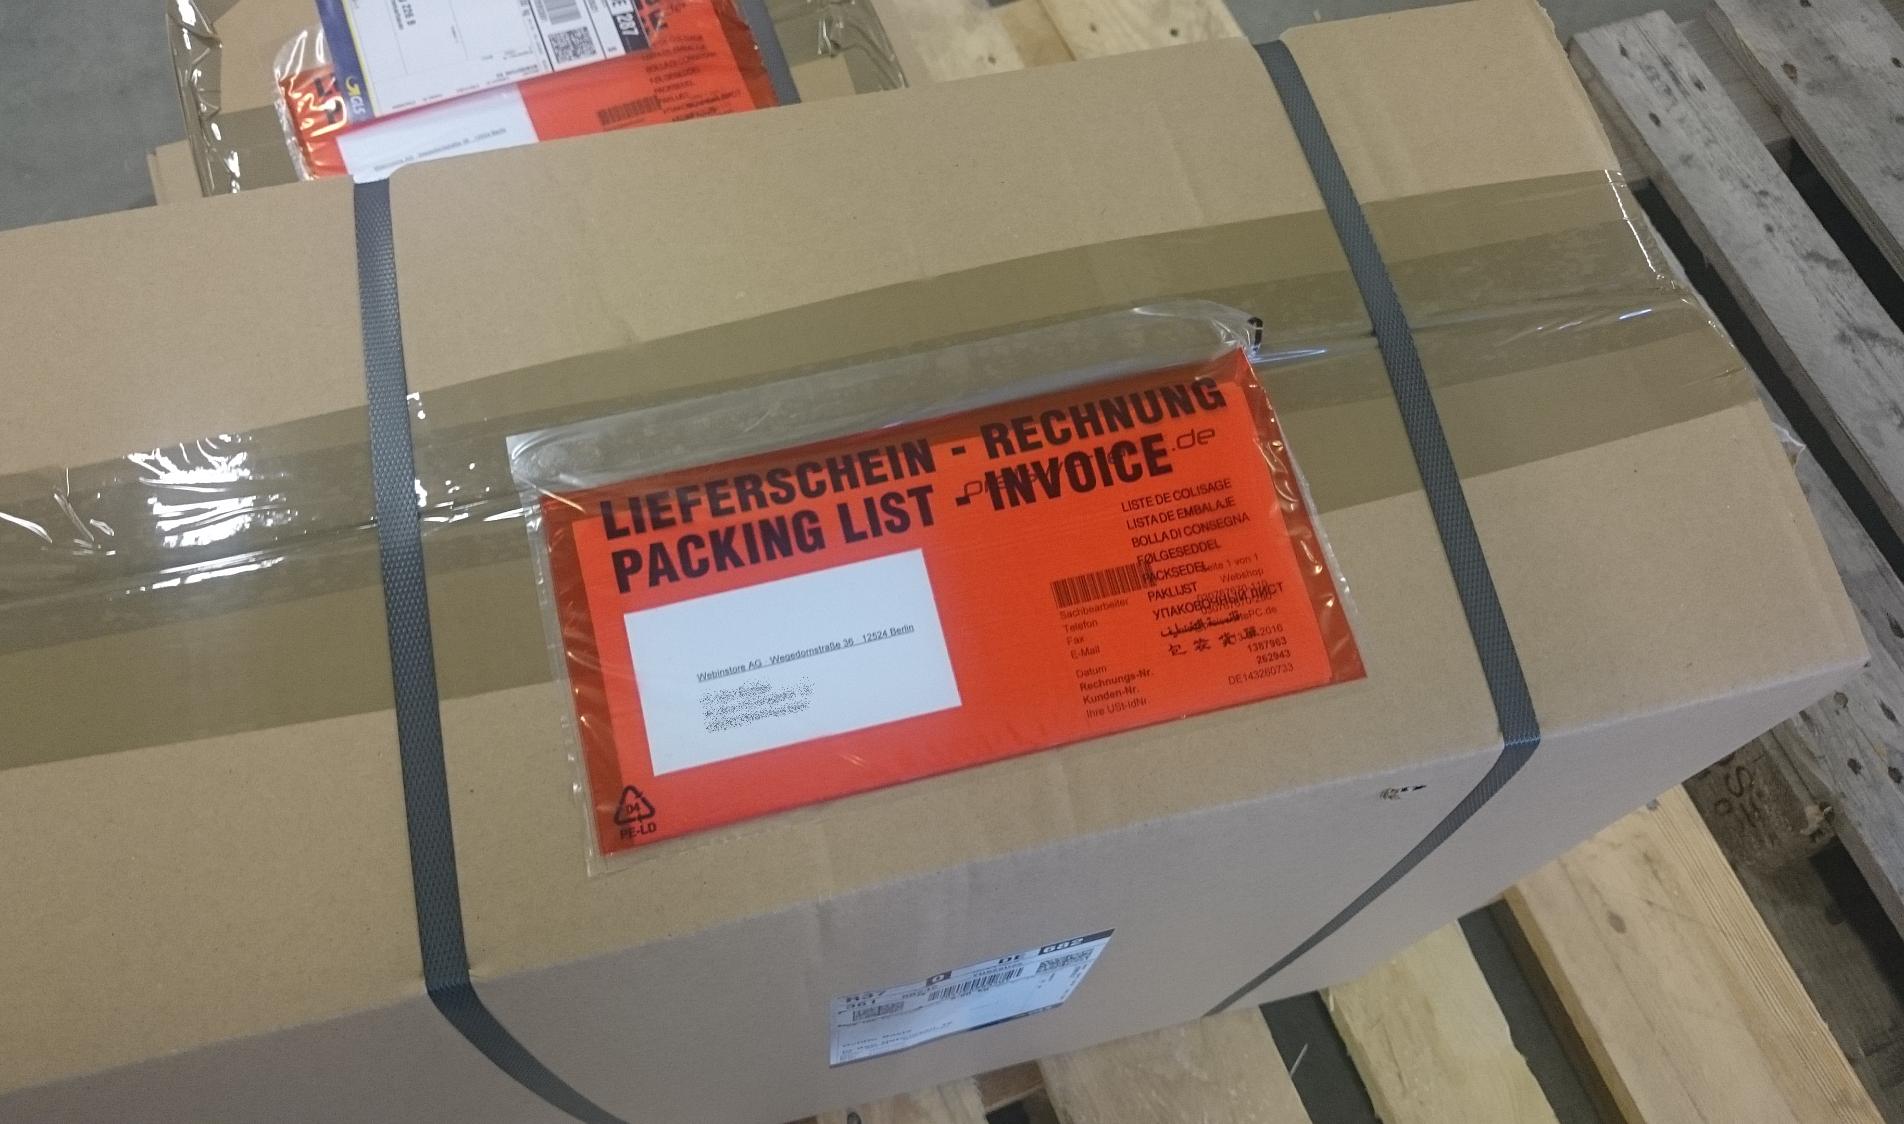 Rechnung in der roten Versandtasche am Paket